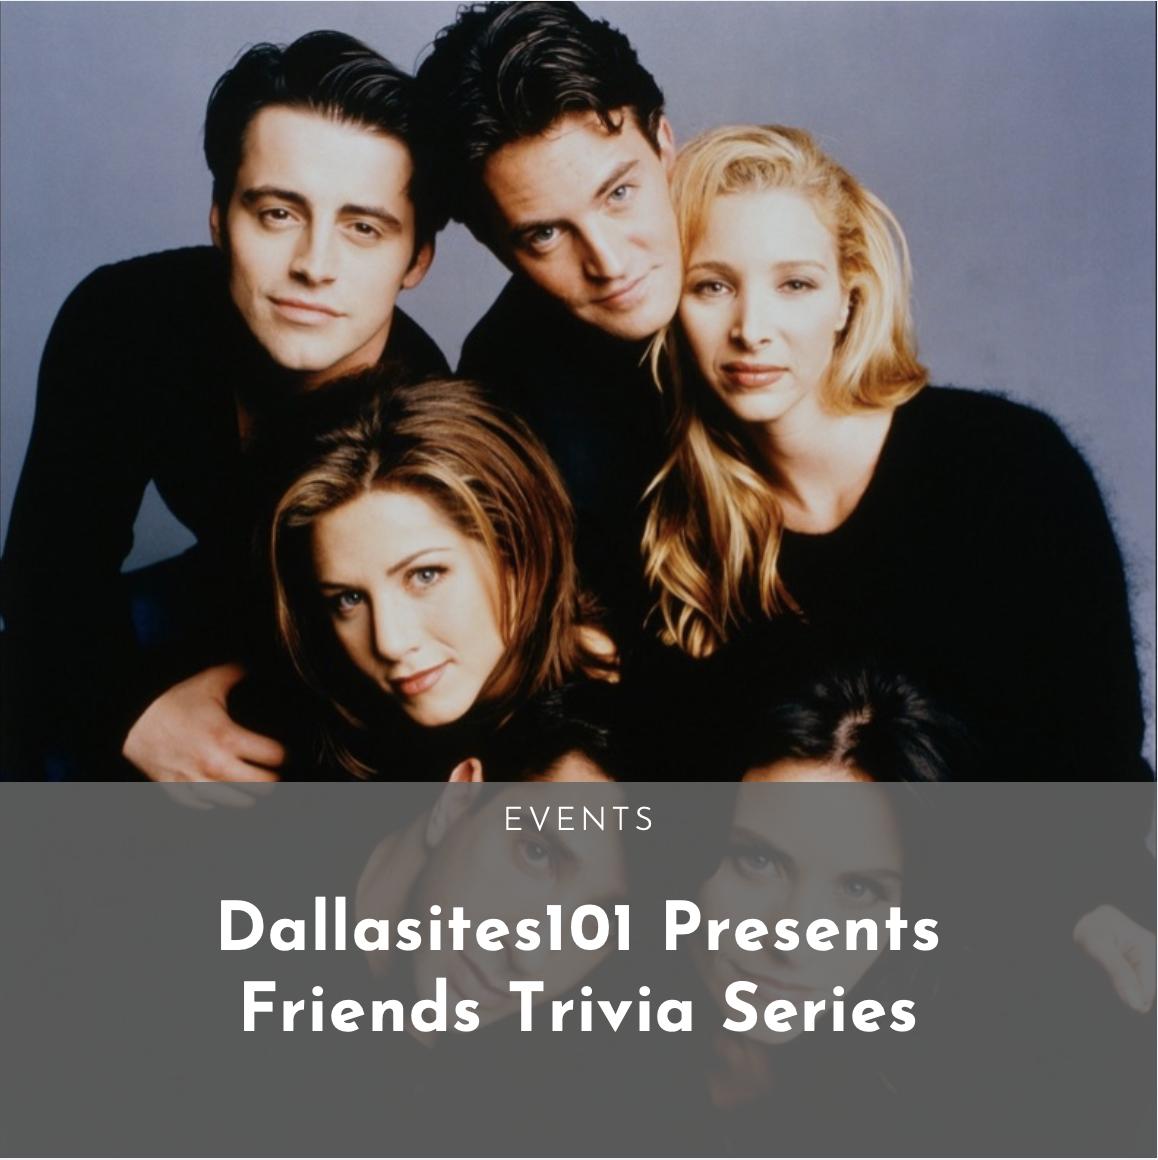 Friends Trivia Series — Dallasites101